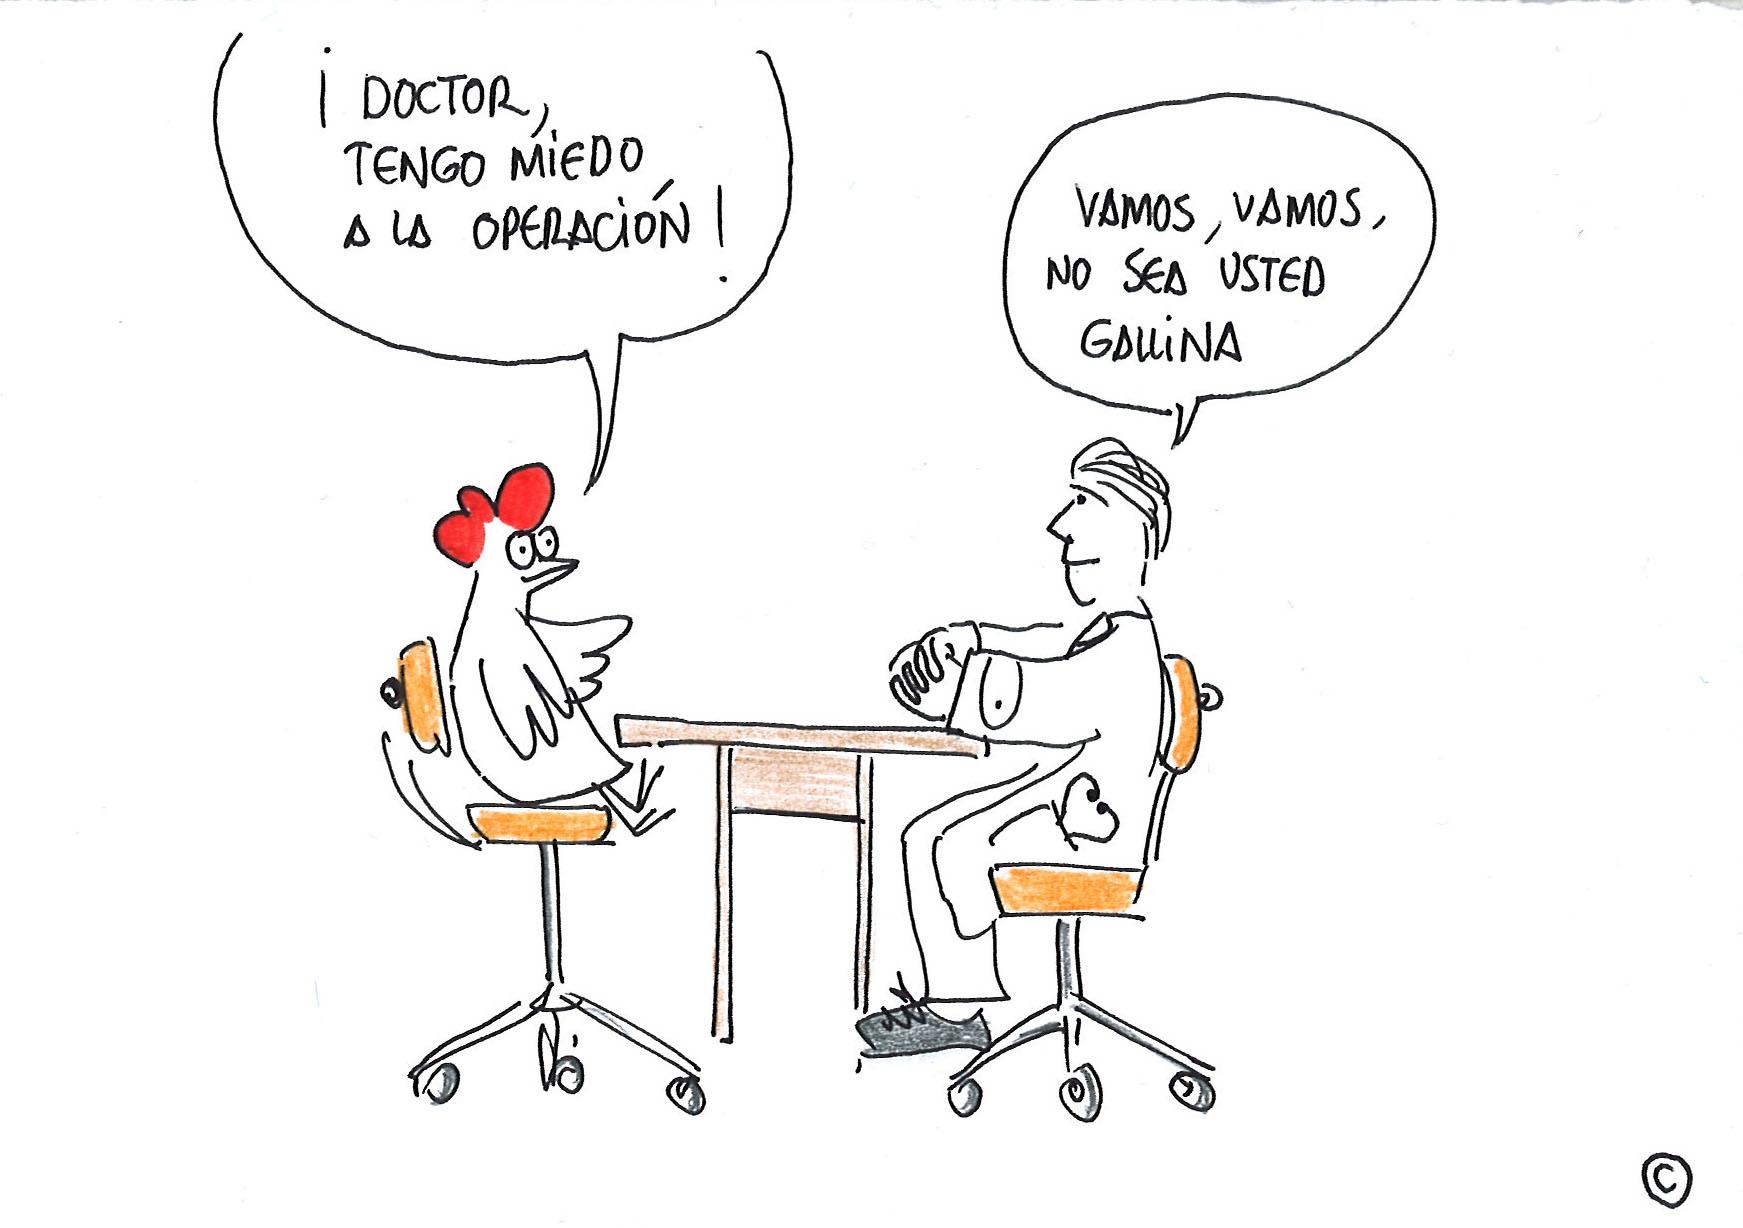 Paca con el Doctor